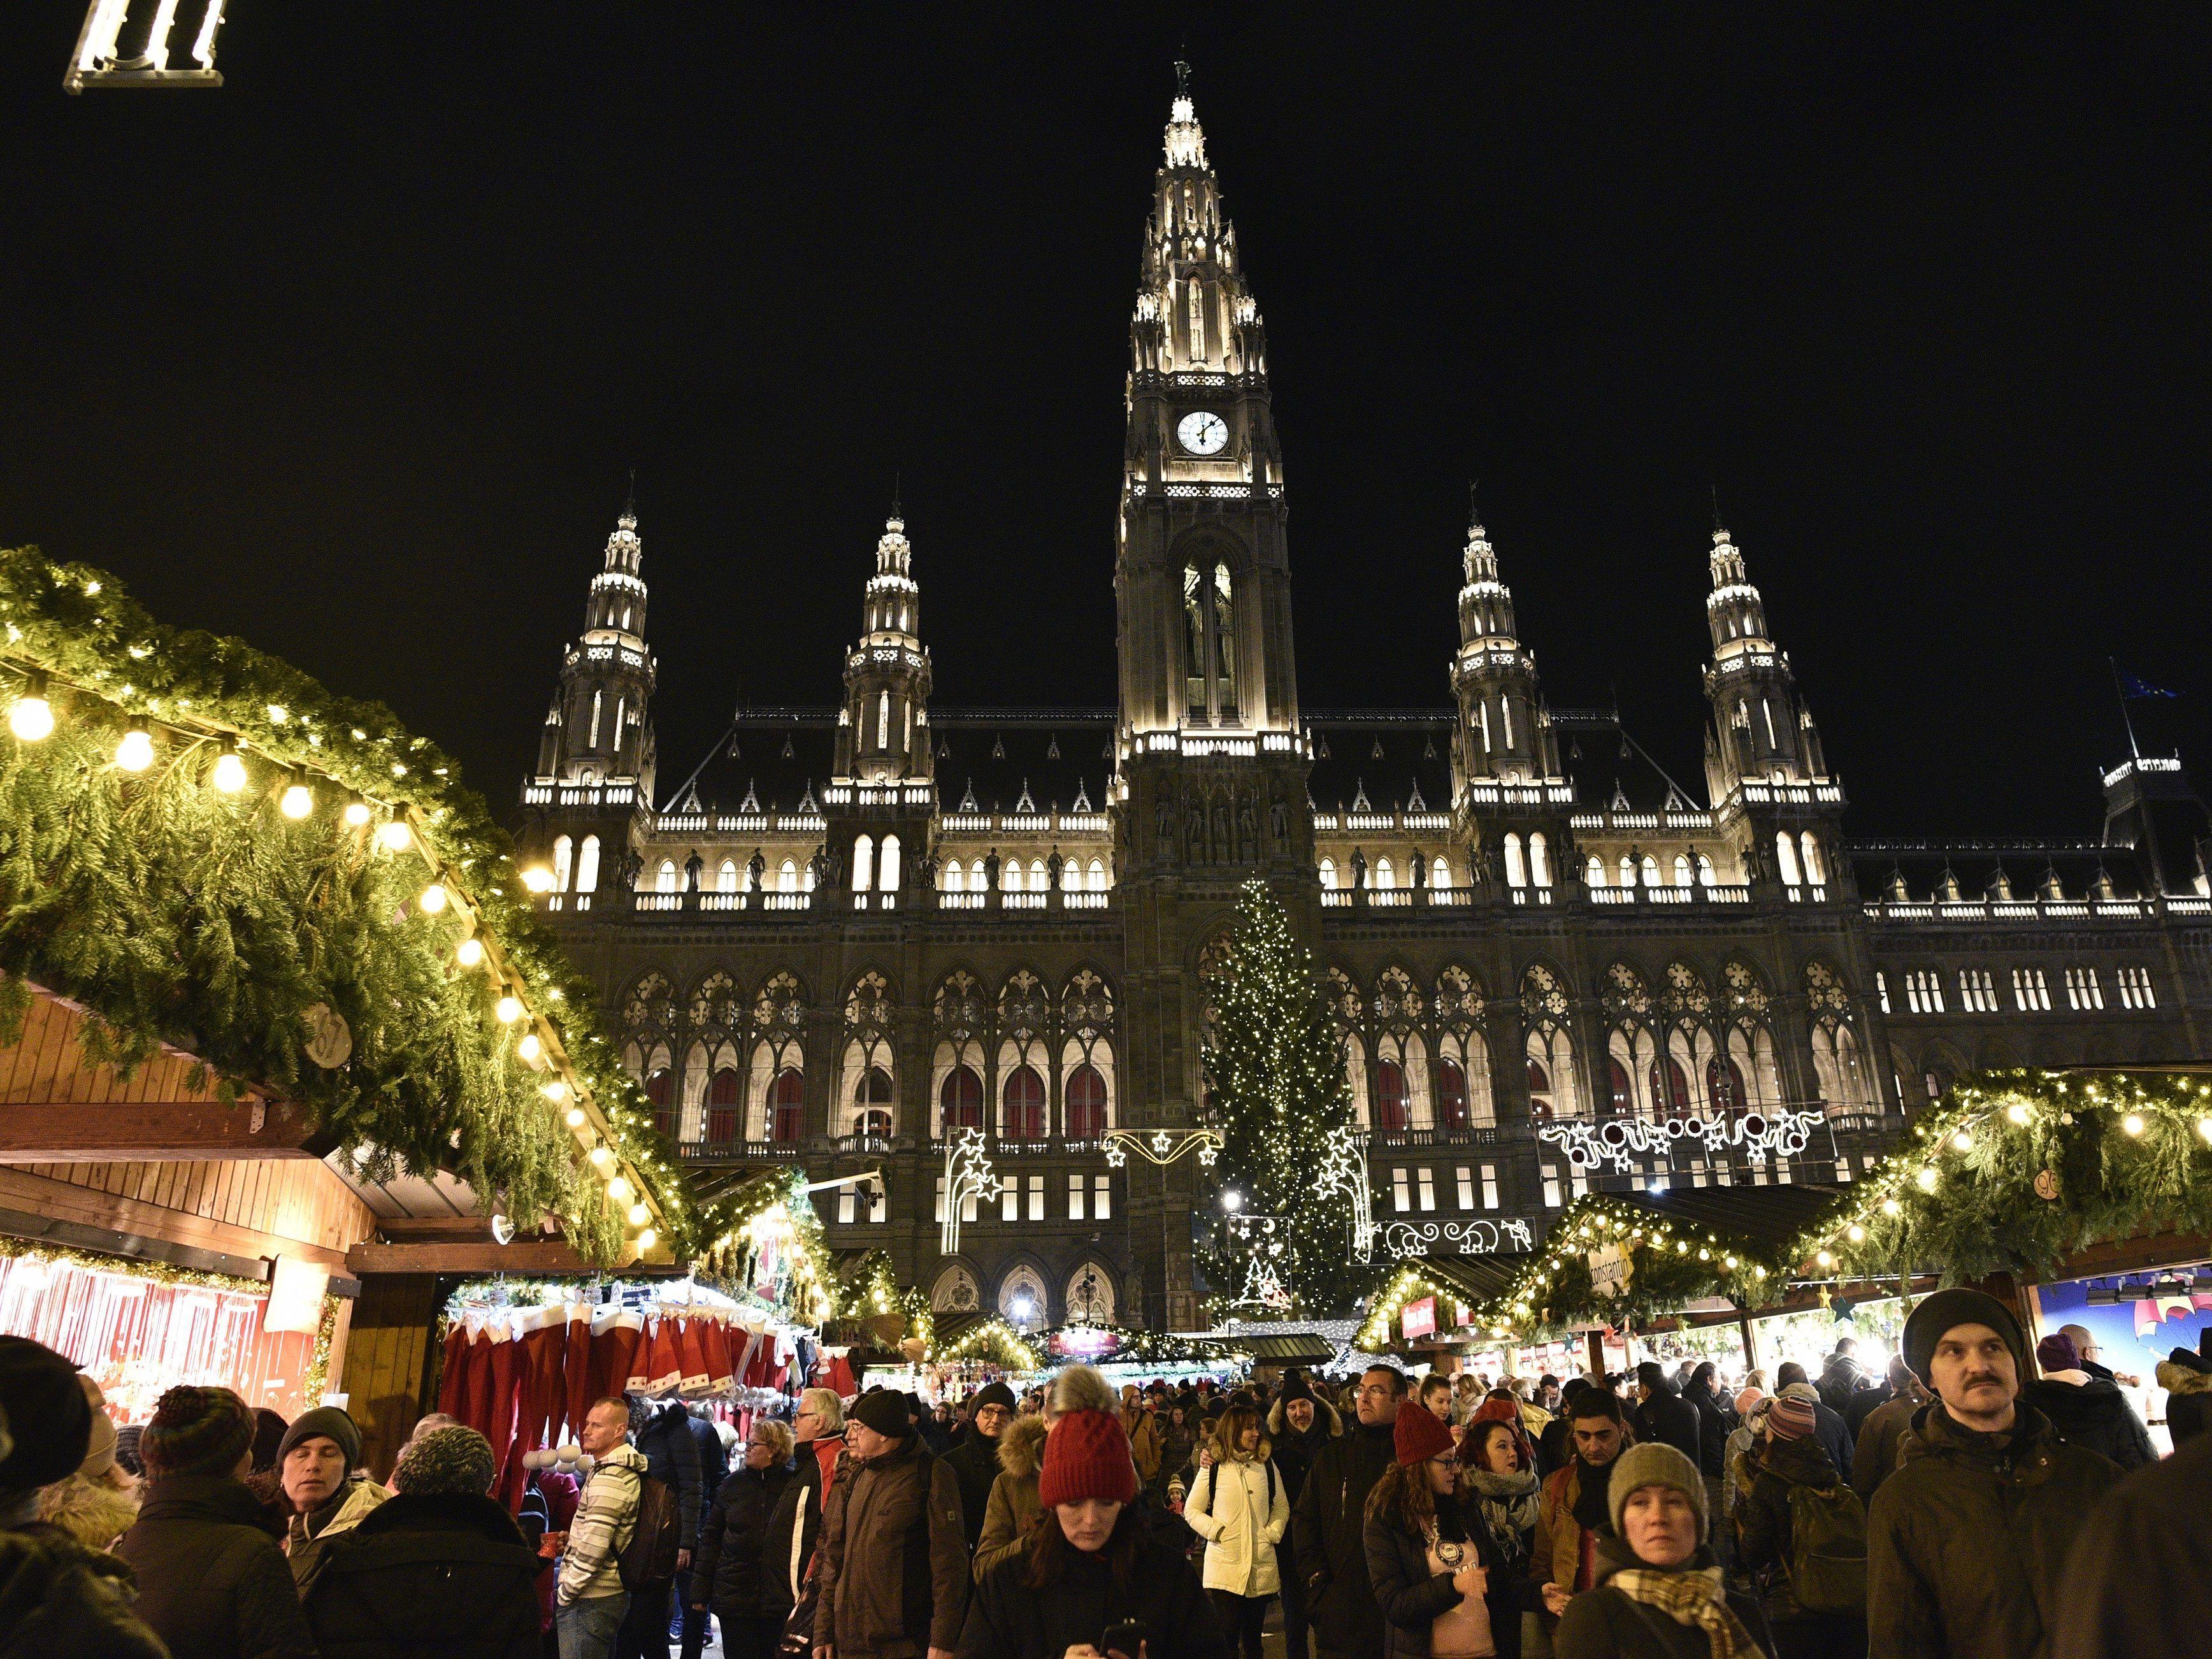 Weihnachtsmarkt Morgen.Rekorde Bei Wiener Weihnachtsmärkten Erwartet Weihnachten In Wien